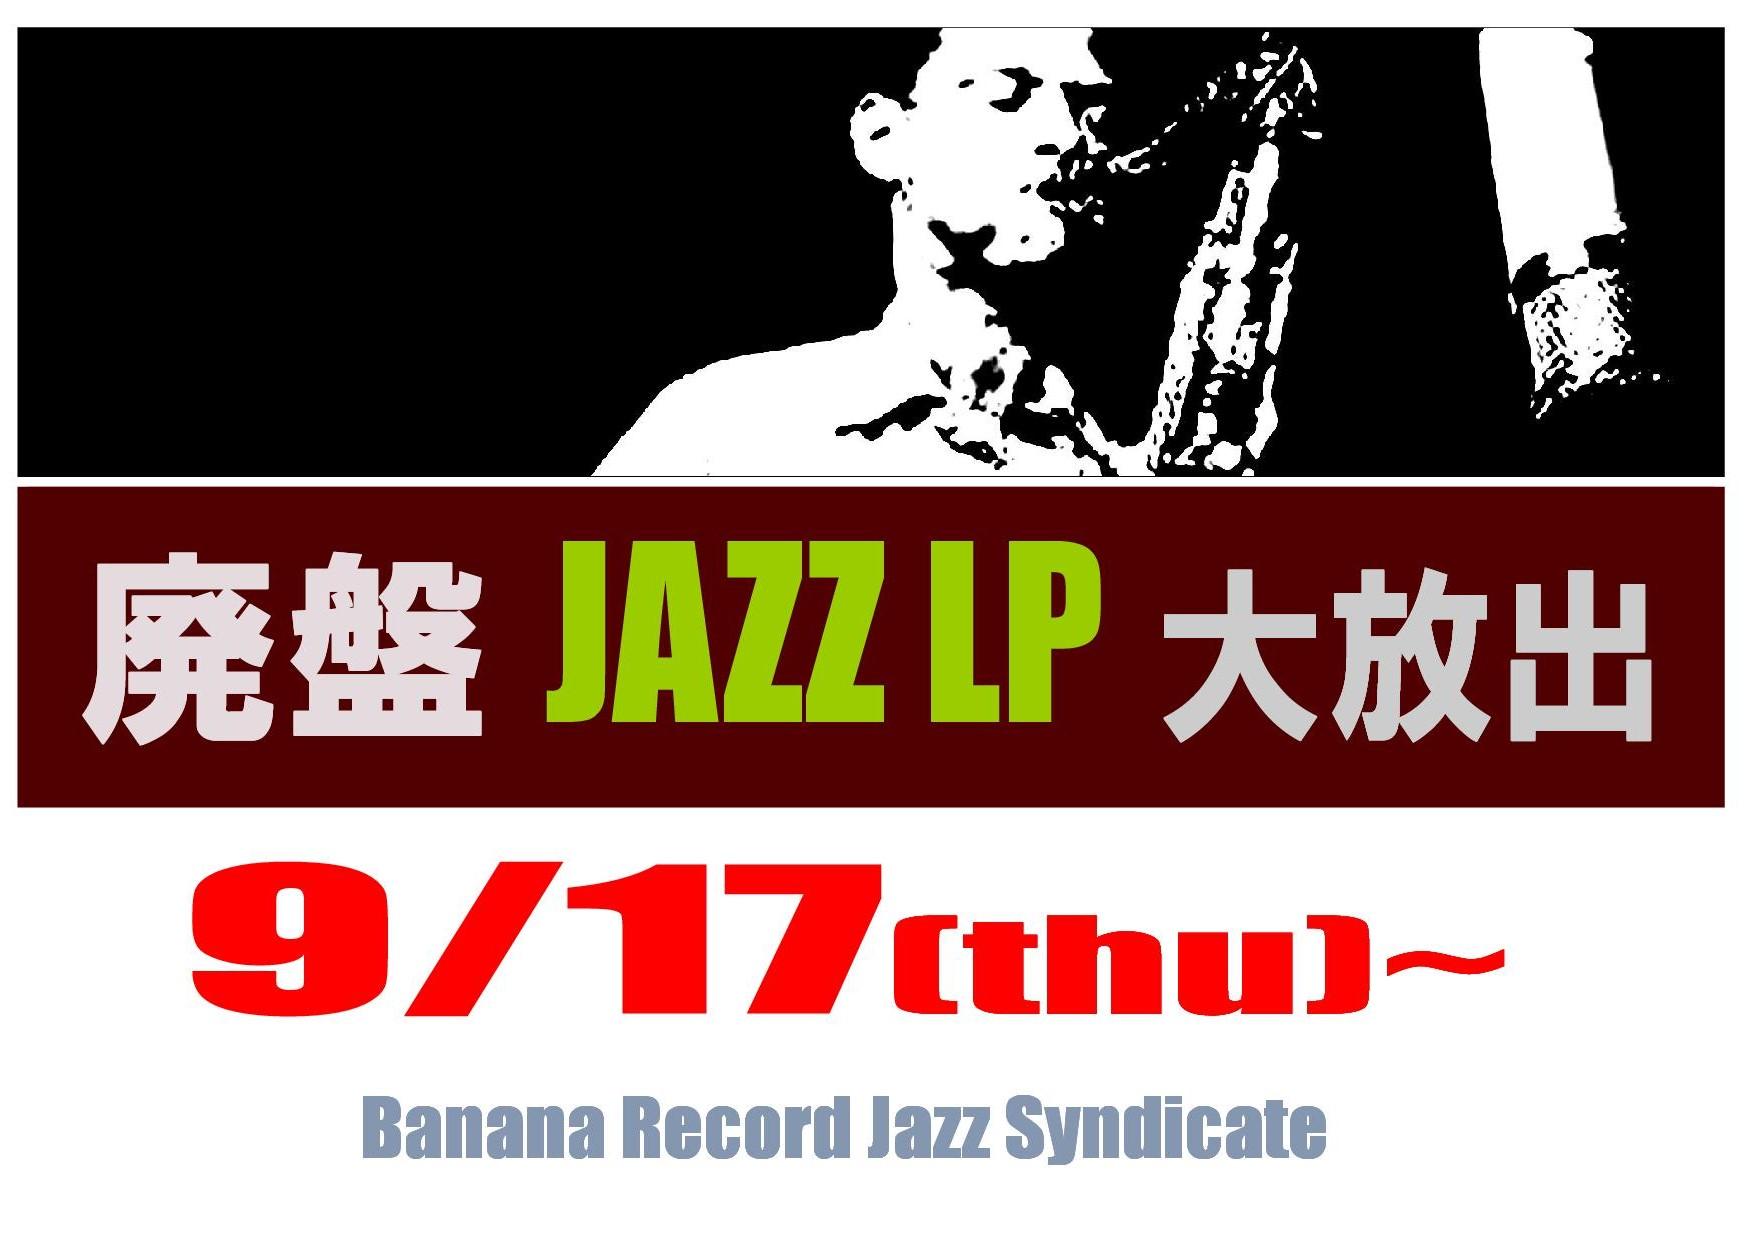 【ジャズシンジケート】17日よりJazz廃盤LP大放出開催決定 / 輸入盤レギュラーLP新規商品追加中